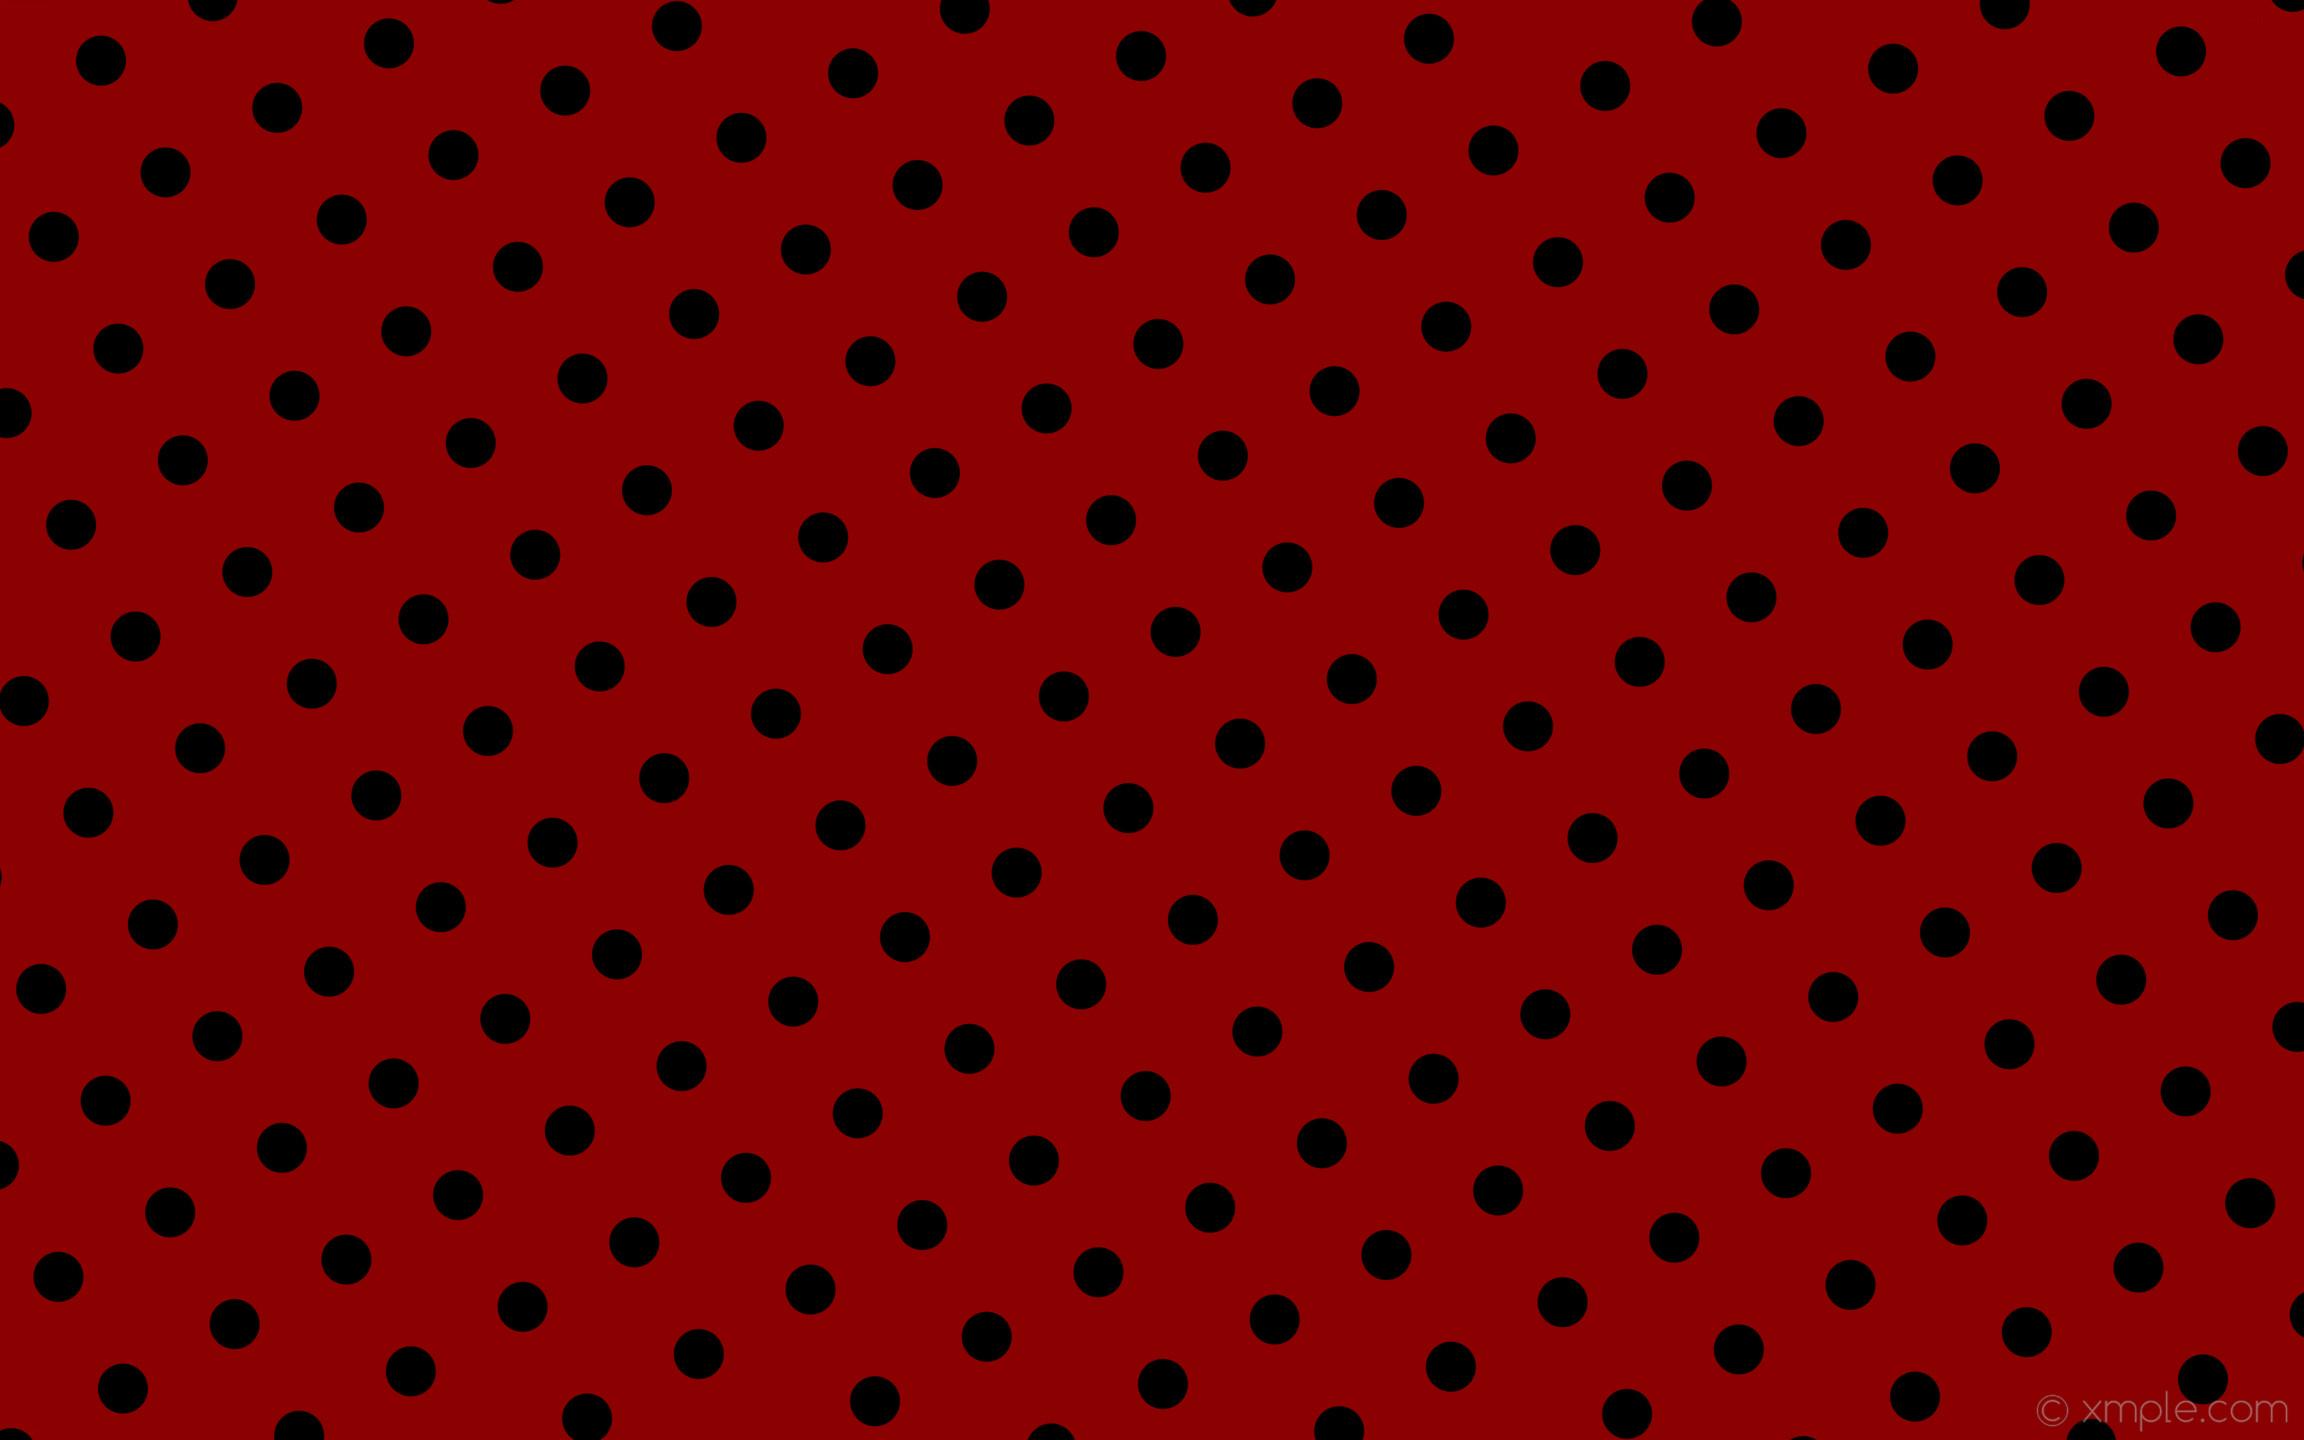 wallpaper red polka dots black spots dark red #8b0000 #000000 210° 50px  129px